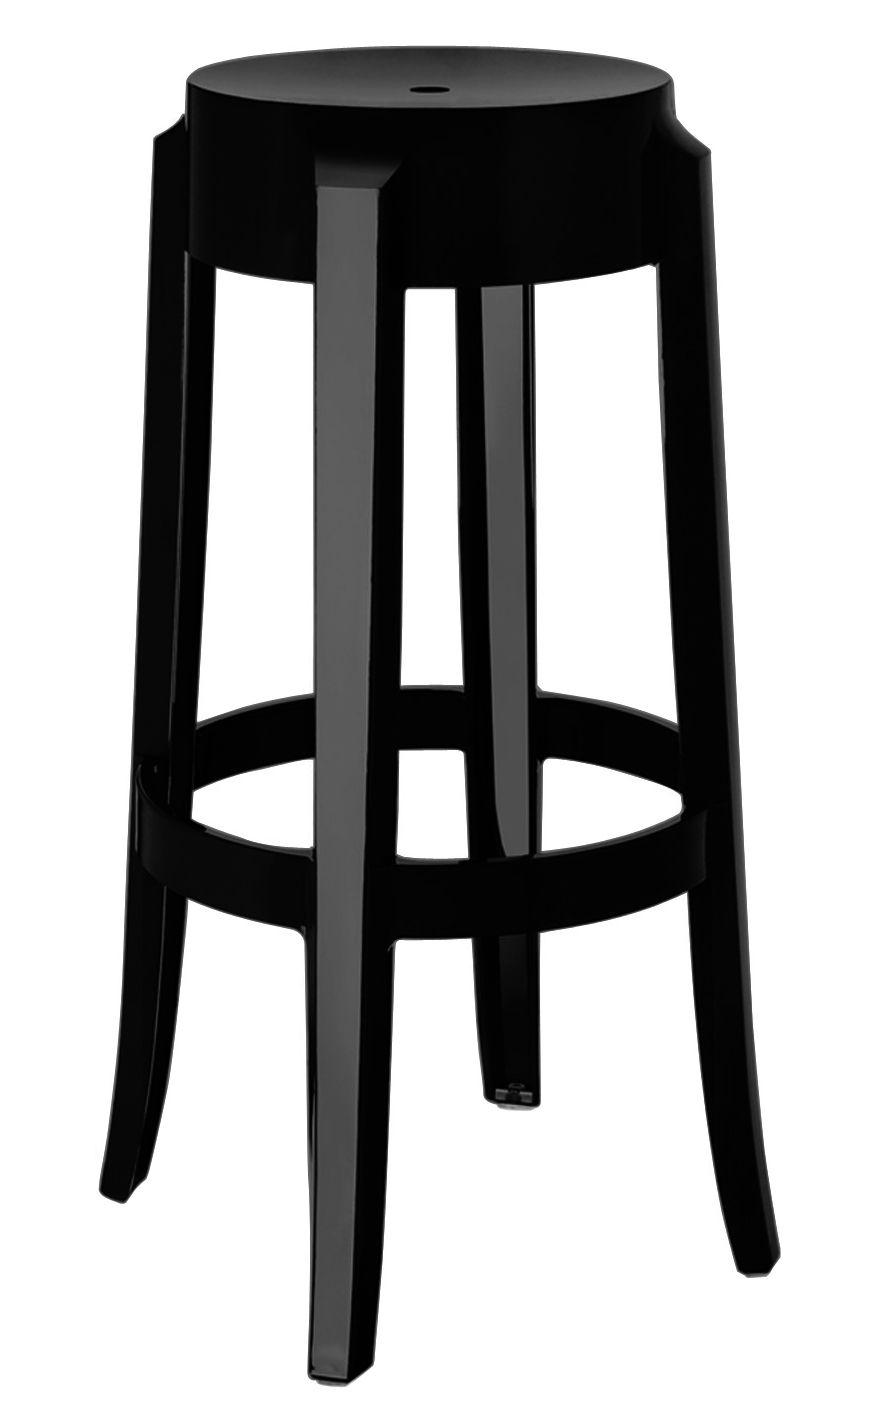 Charles ghost 75 cm kartell barhocker for Barhocker 75 cm